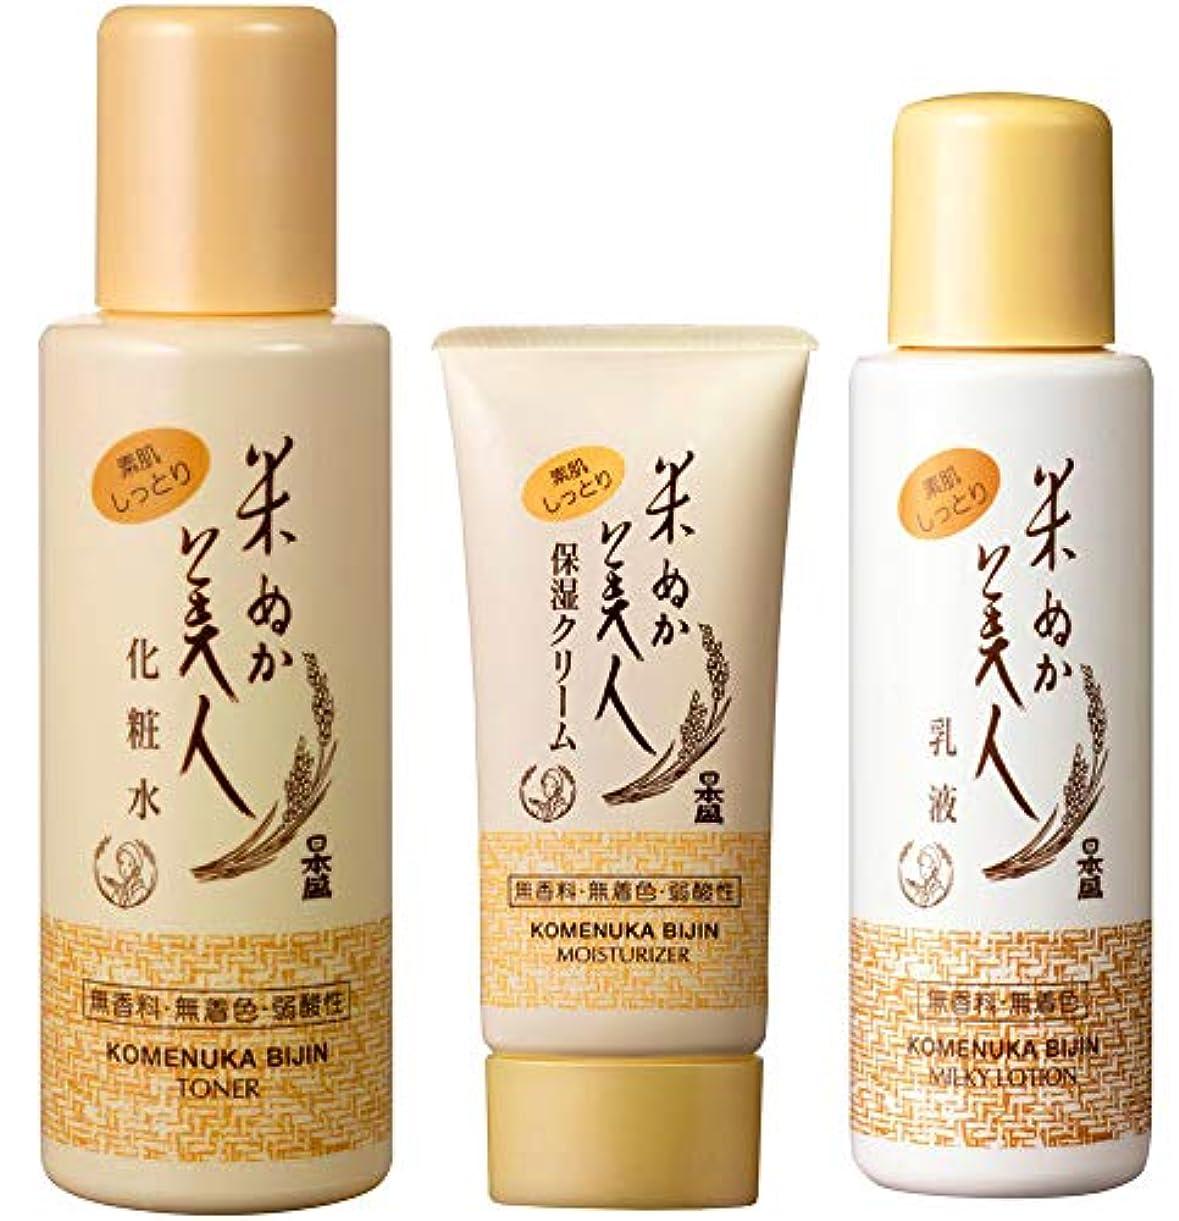 祖父母を訪問提案植物学【まとめ買い3点セット】日本盛「米ぬか美人」 化粧水(120ml)+ 乳液(100ml)+ 保湿クリーム(35g)